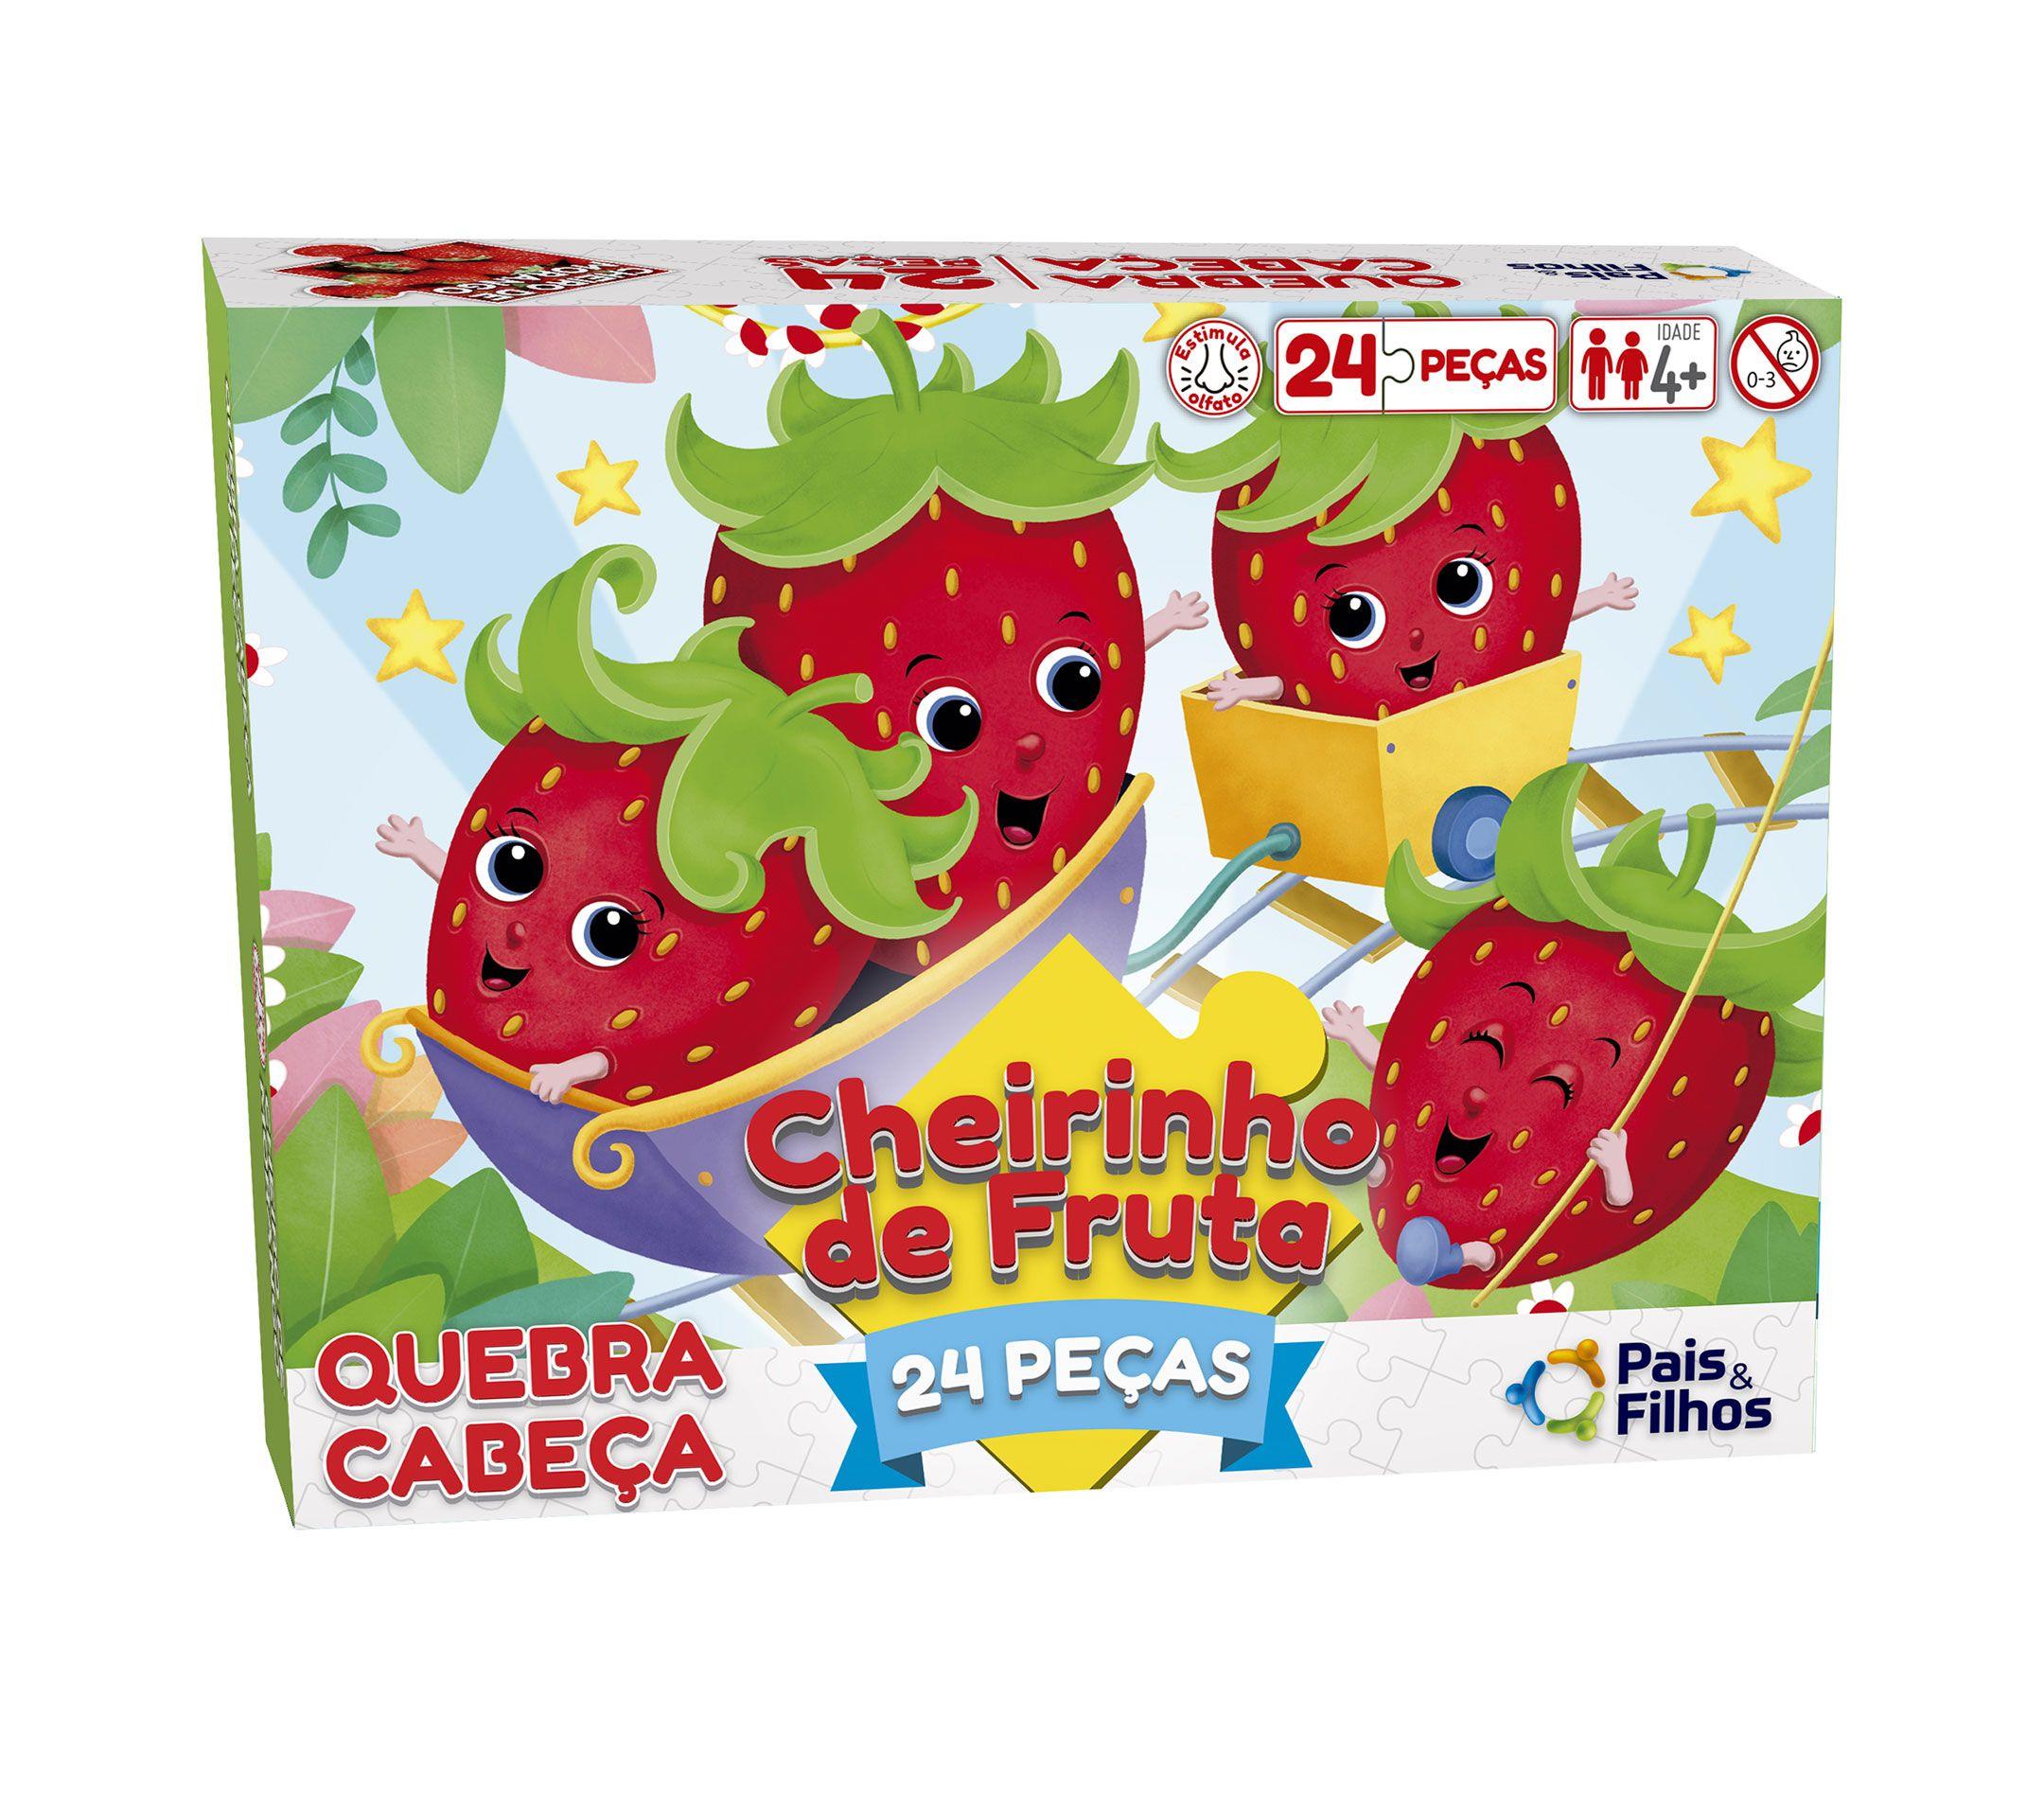 Quebra-Cabeça com cheirinho de fruta - Morango 24 peças-0992